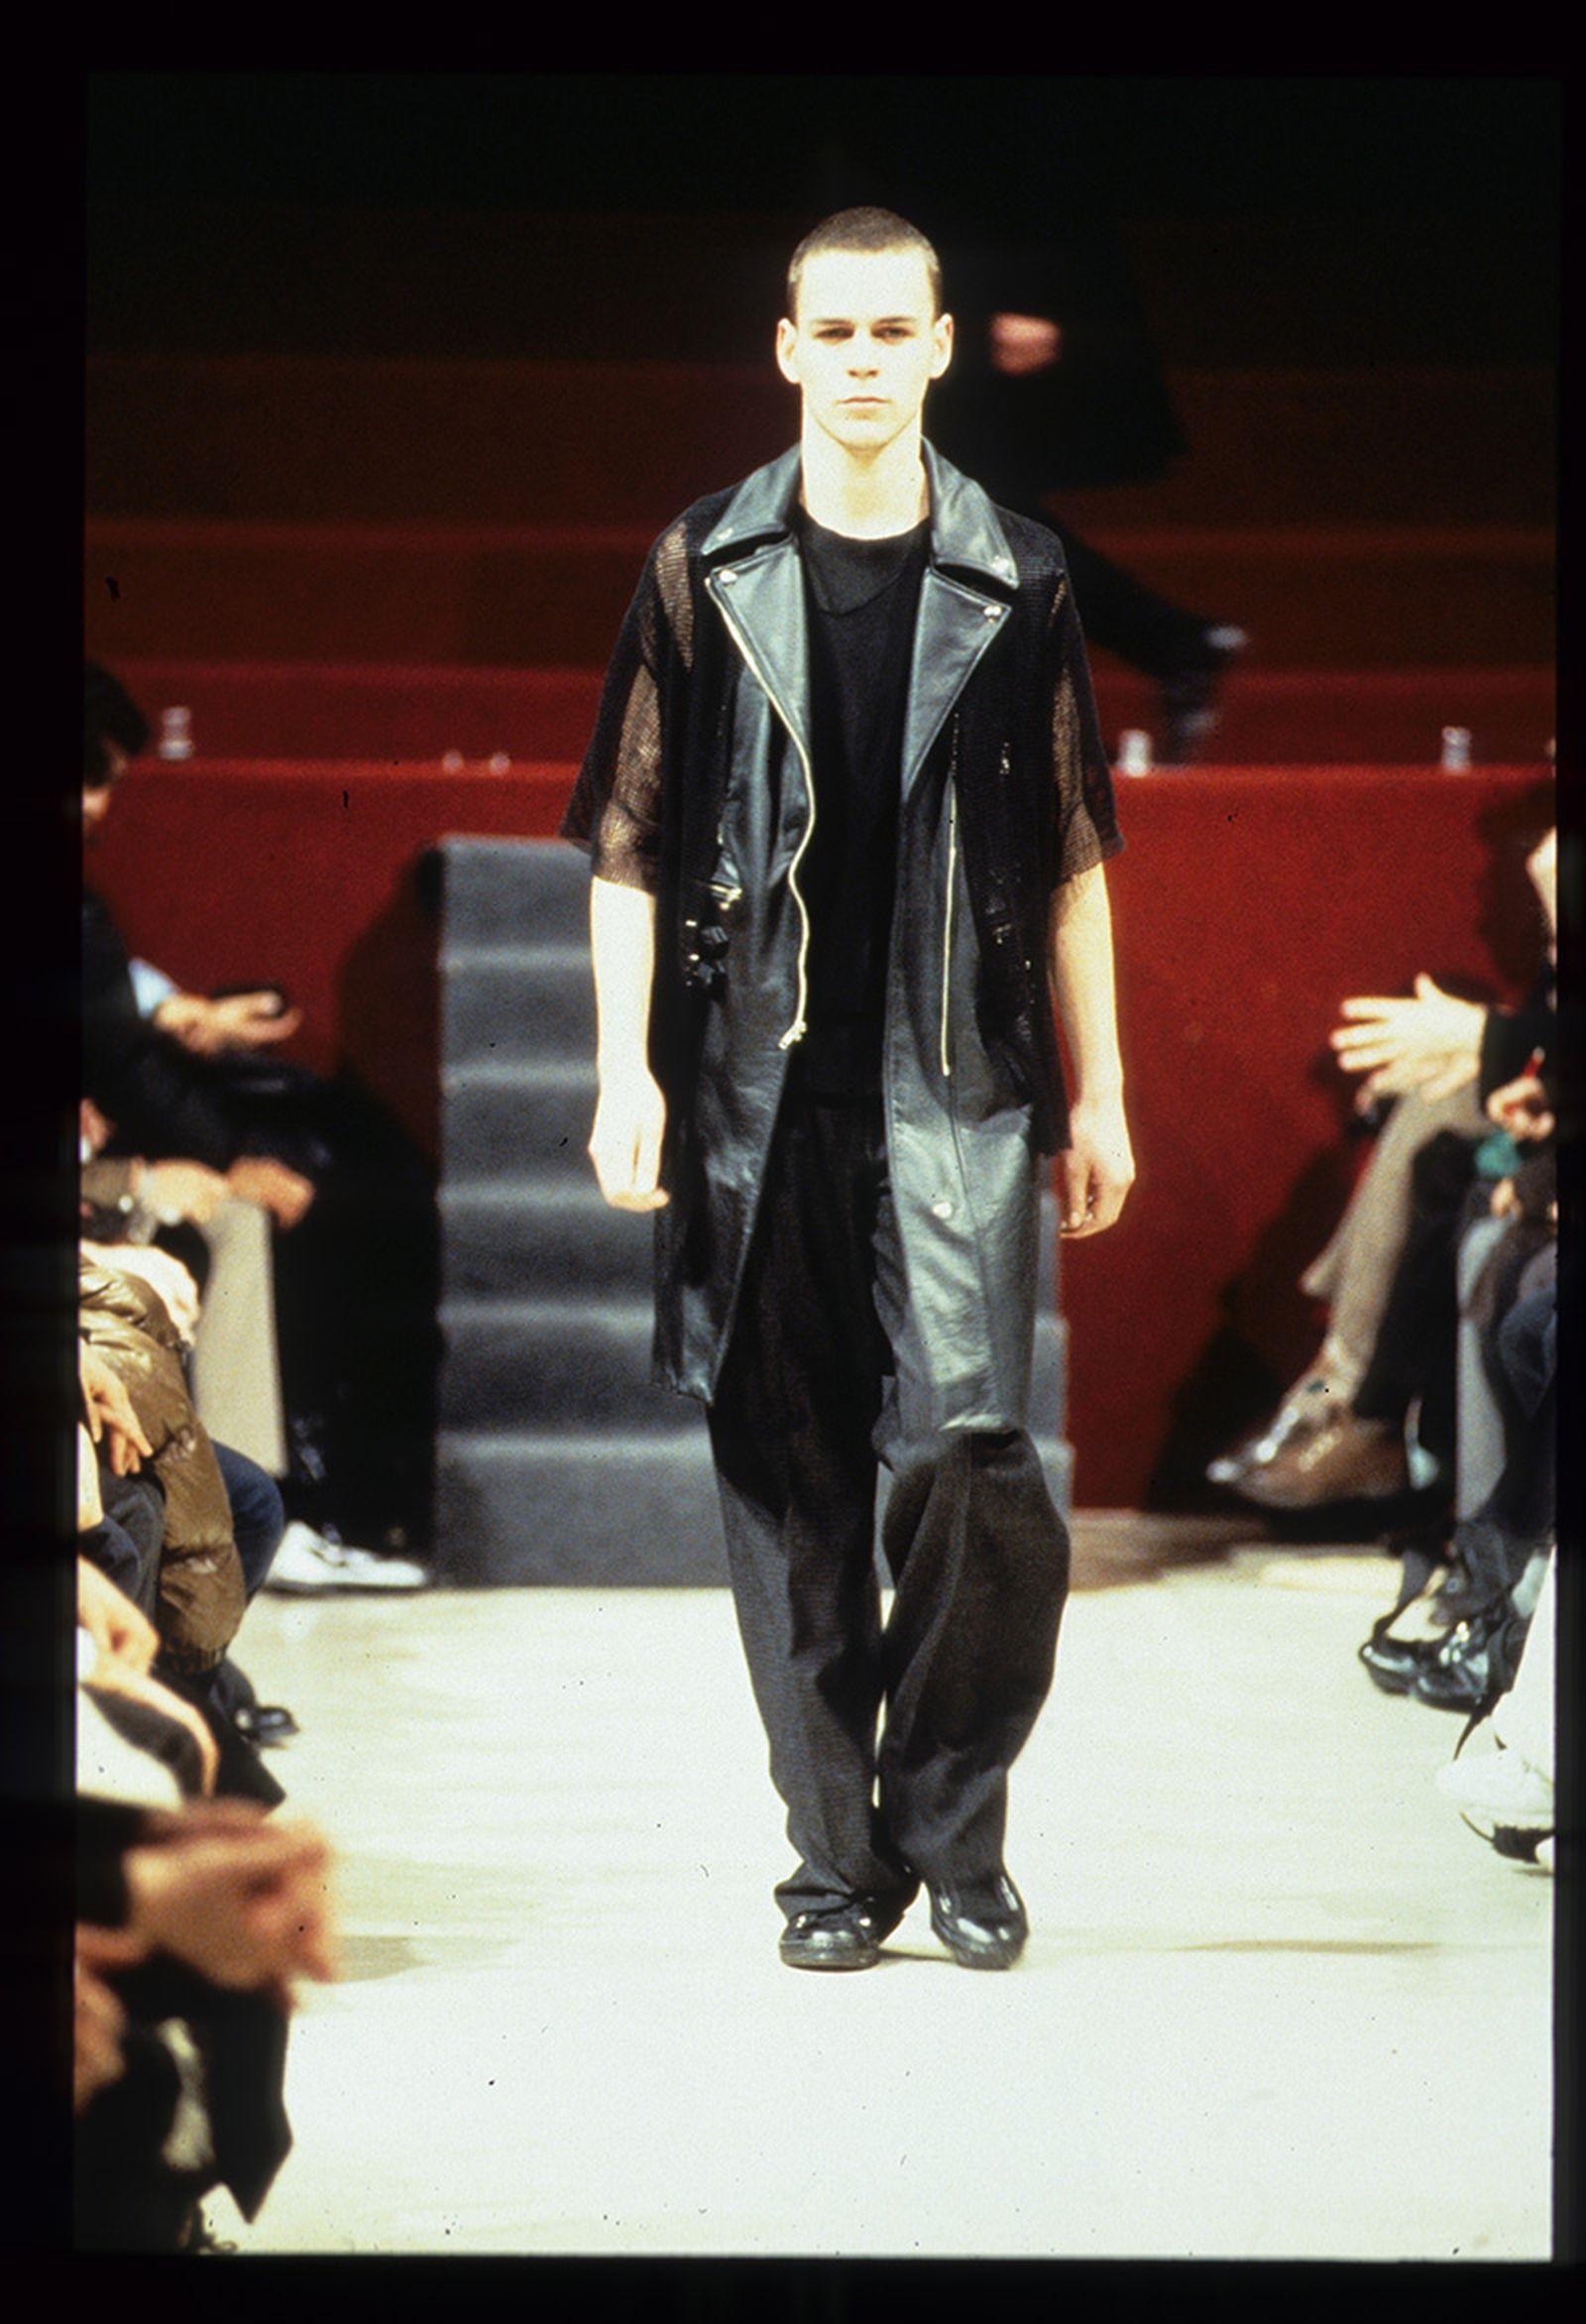 the-12-fashion-shows-that-changed-mens-fashion-raf-simons-aw98-03